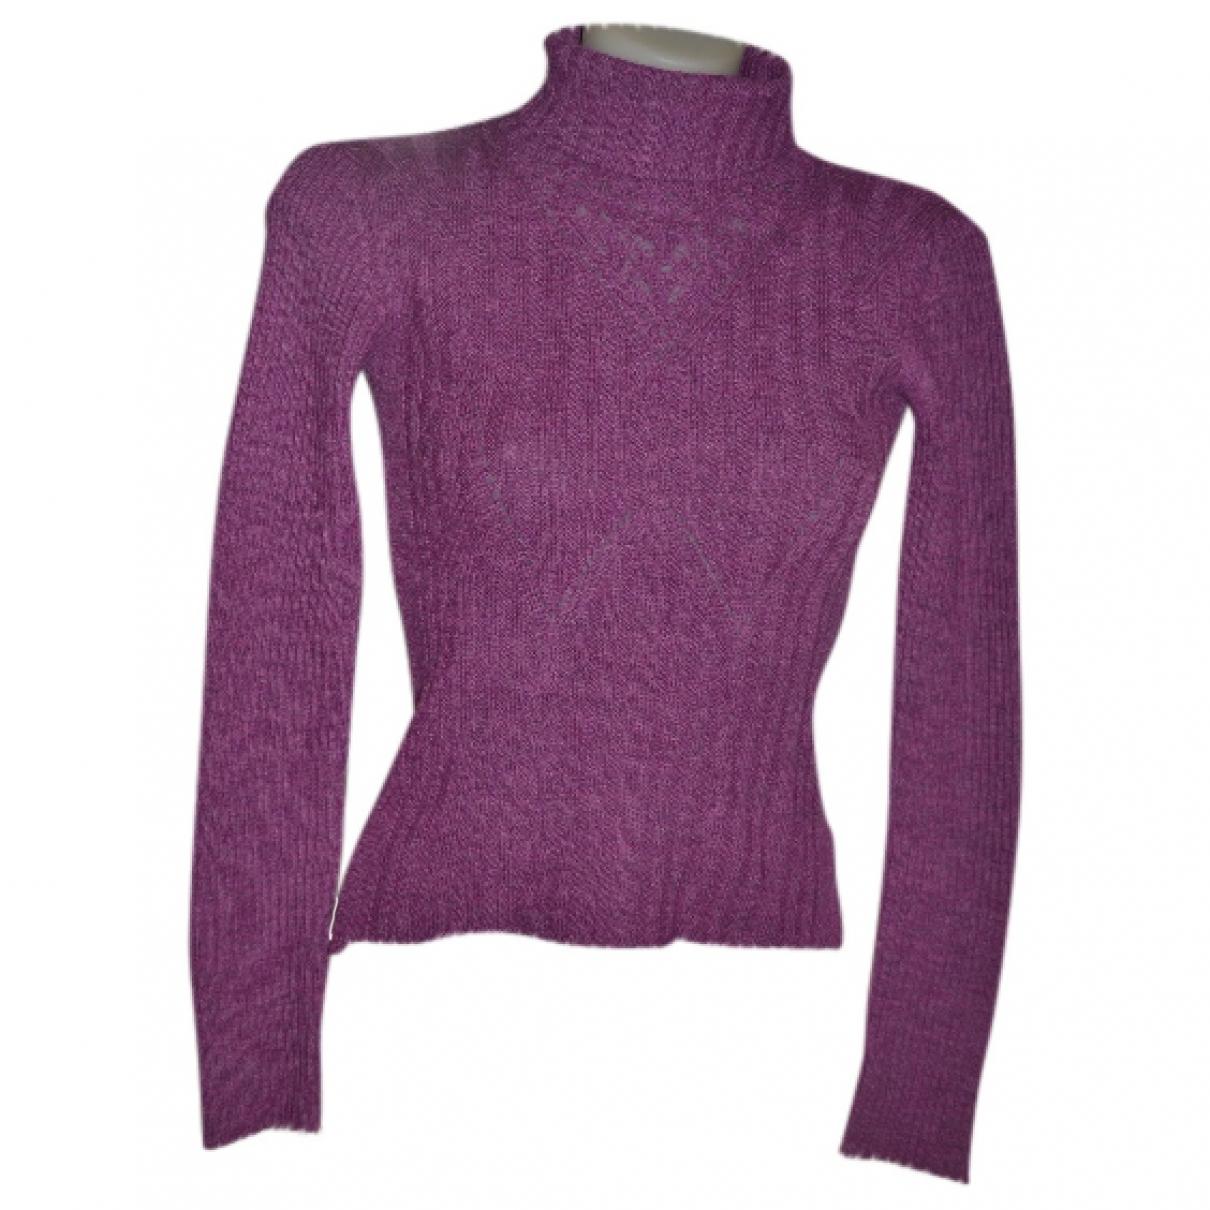 D&g - Pull   pour femme en laine - violet